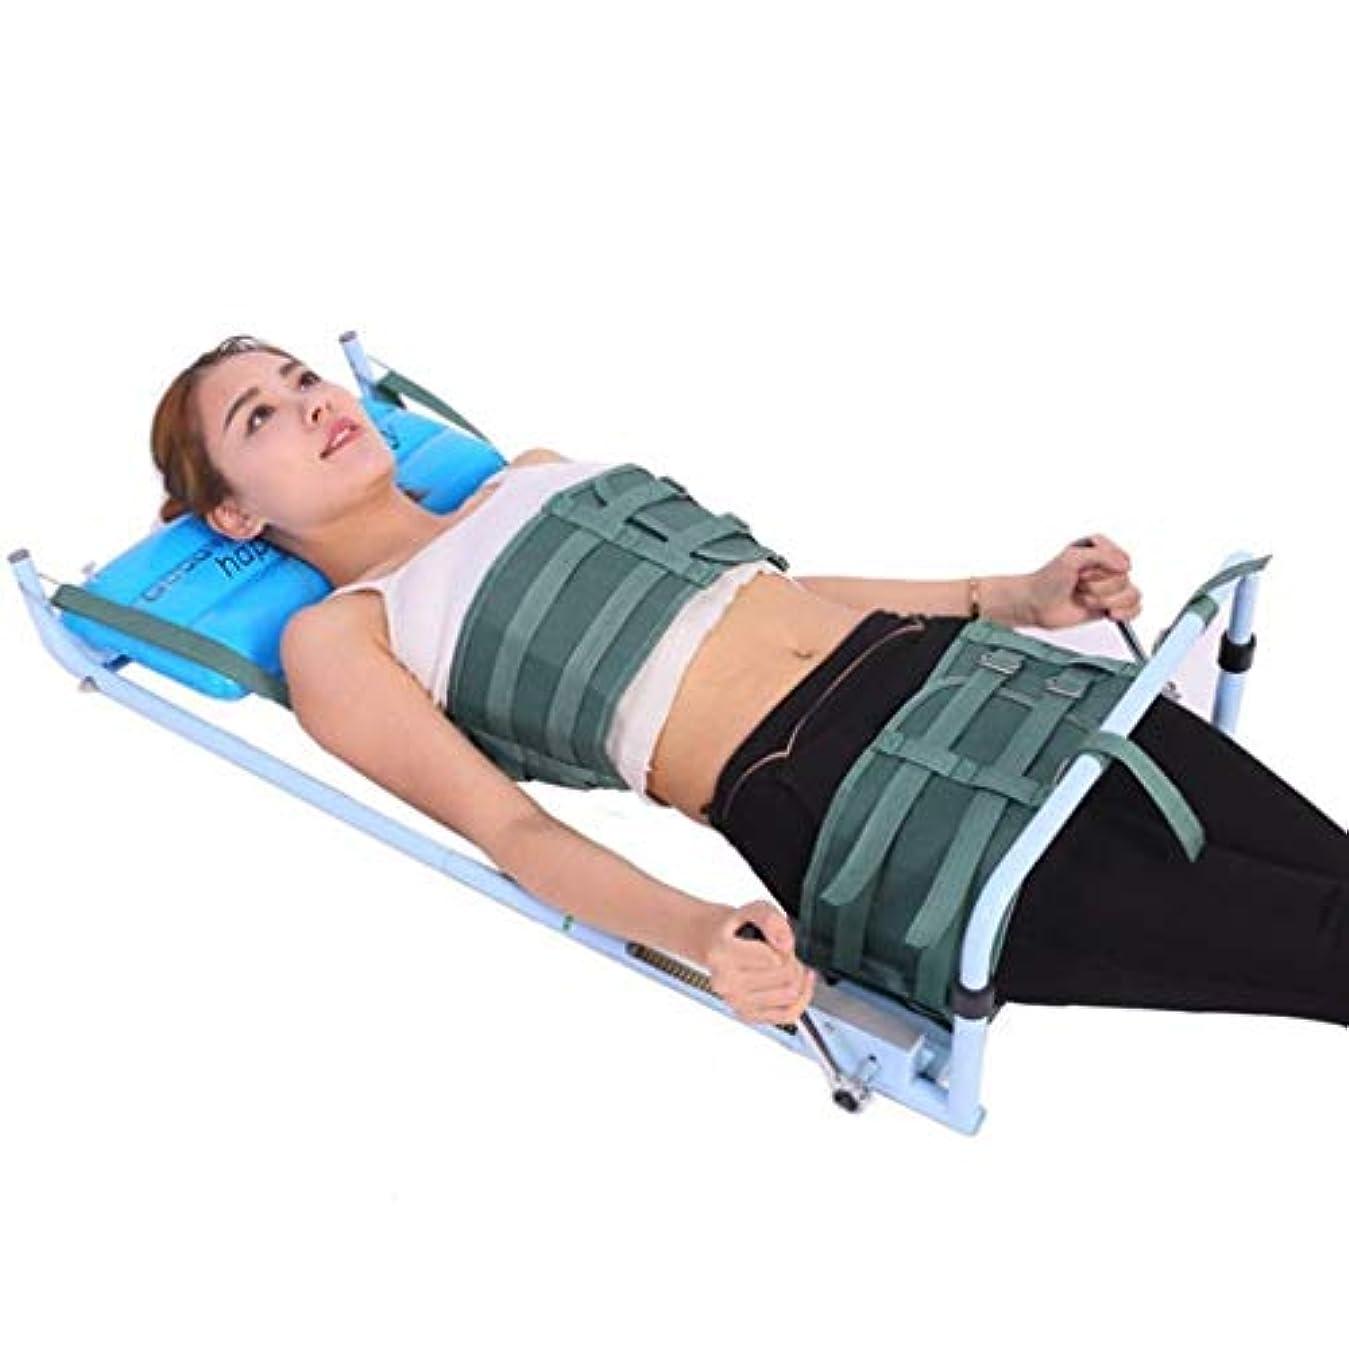 矯正装置、腰椎牽引装置、子宮頸部ストレッチストレッチャー装置、改善された脊椎姿勢装具